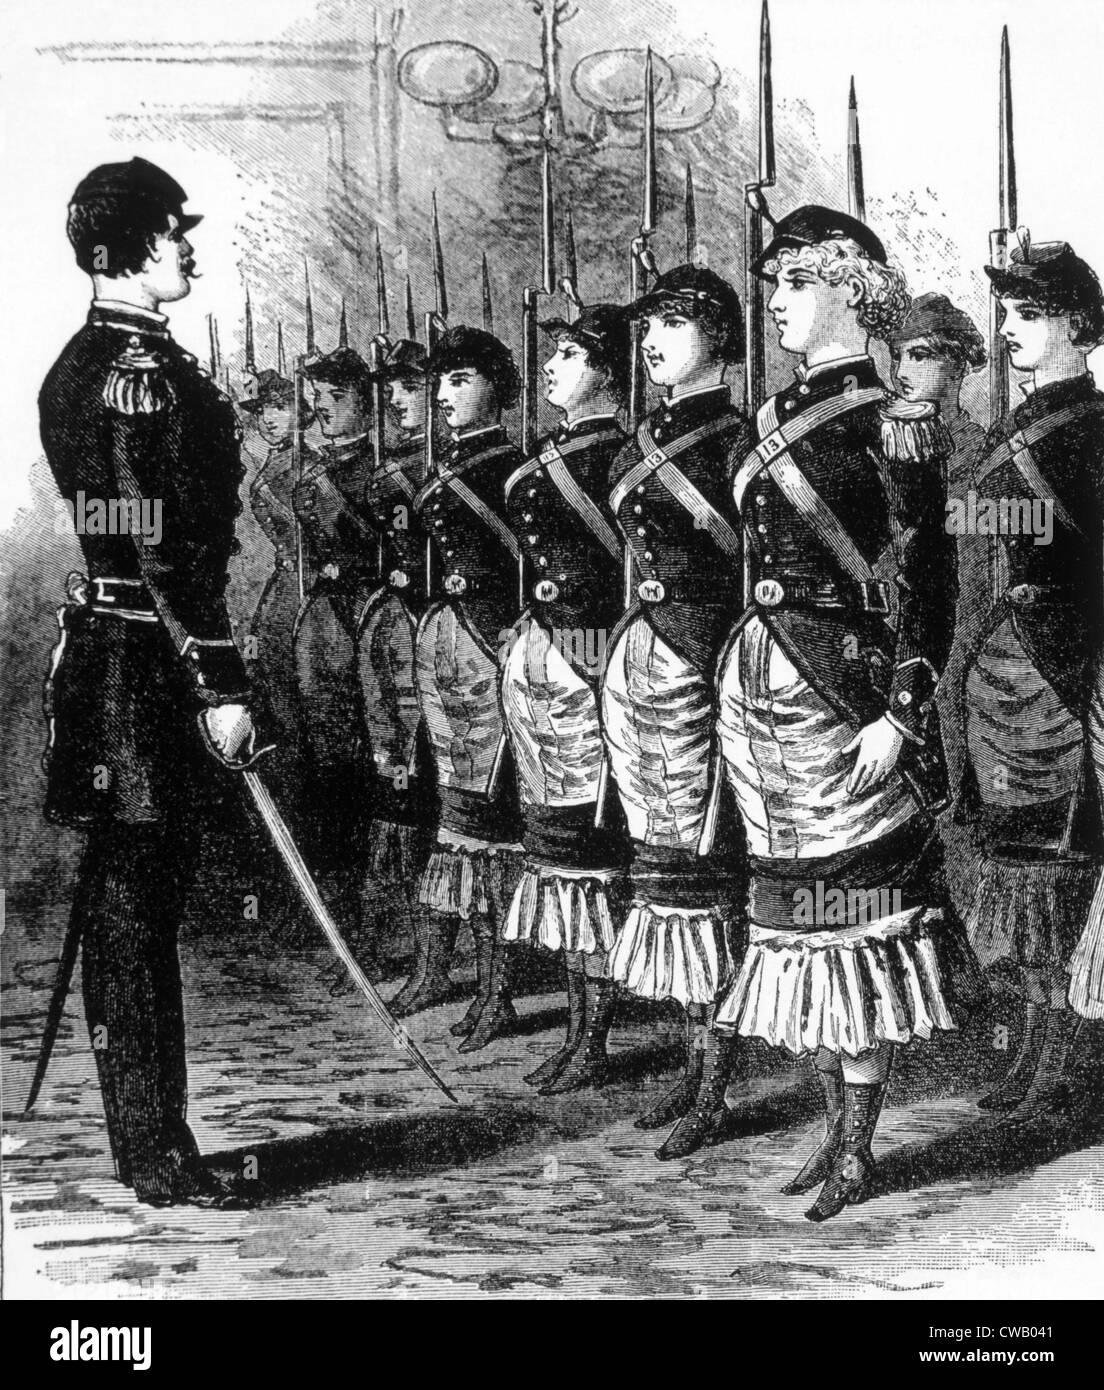 """Die weibliche Rechte Musketiere, Darstellung in """"The Police Gazette"""", c. 1846. Stockbild"""